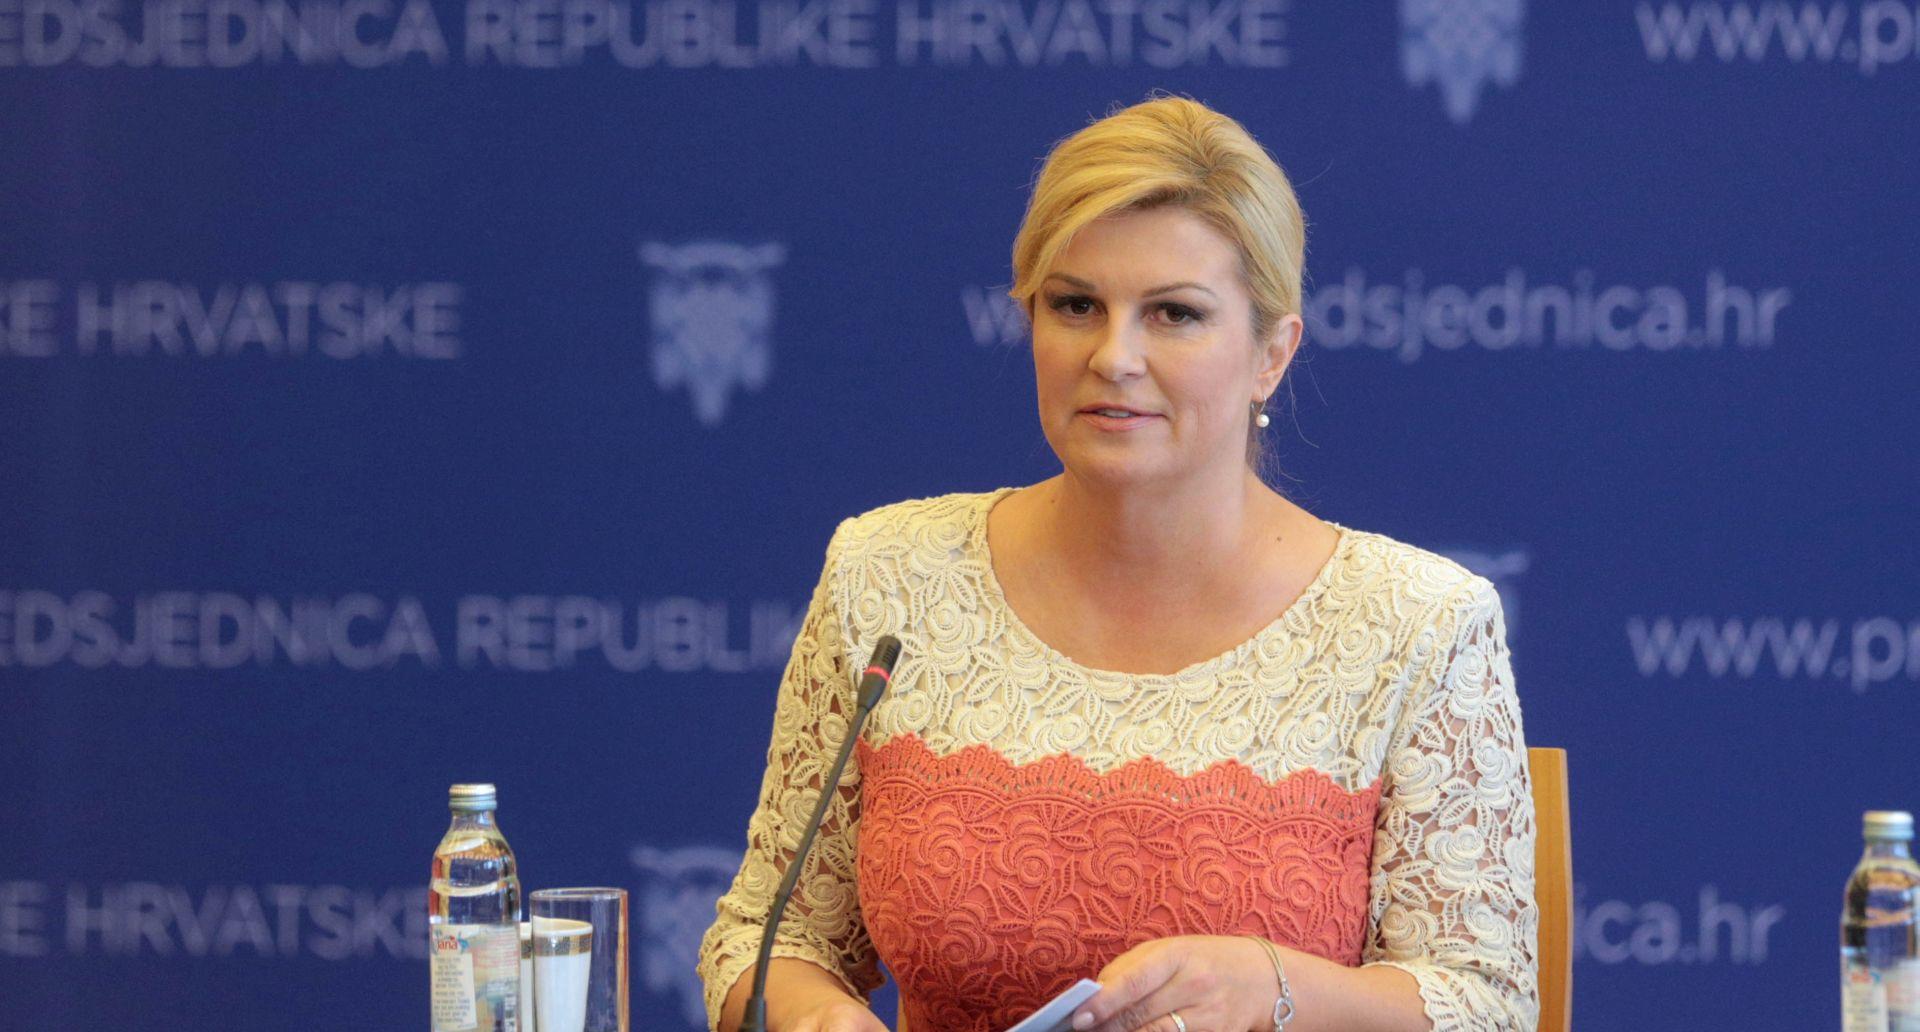 Predsjednica Republike čestitala Dana državnosti